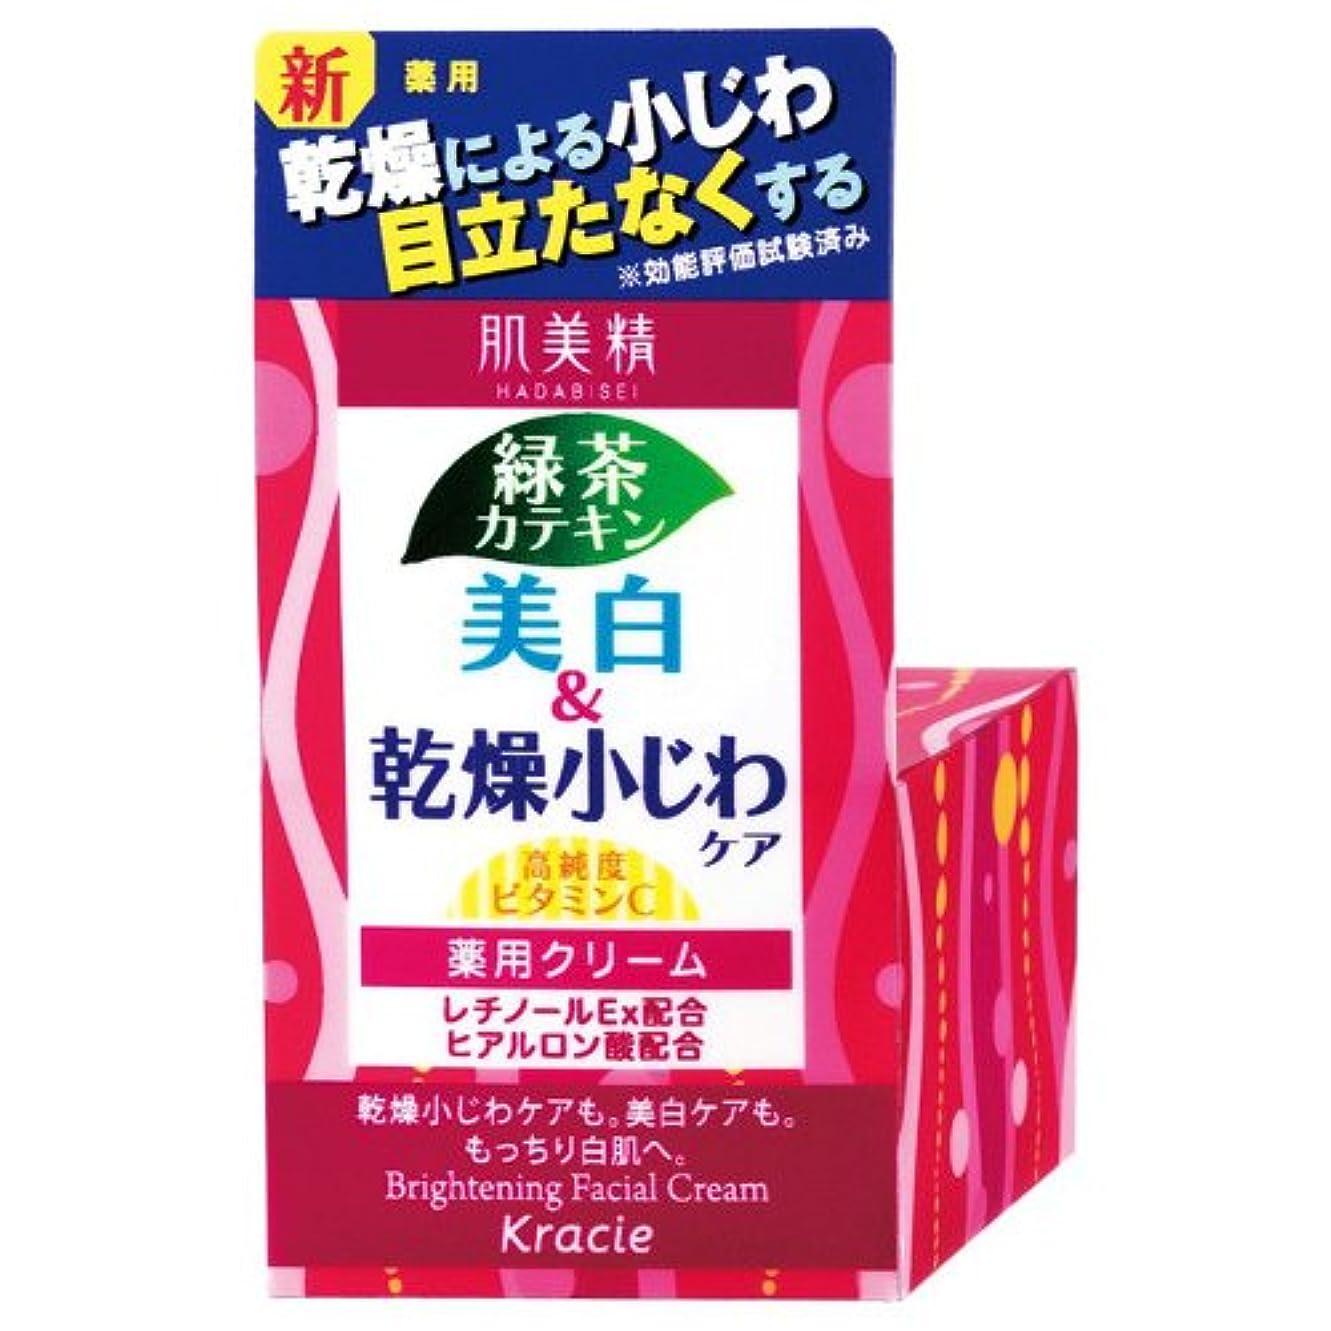 自動的に選出する修正肌美精 薬用美白&乾燥小じわケア クリーム 50g [医薬部外品]